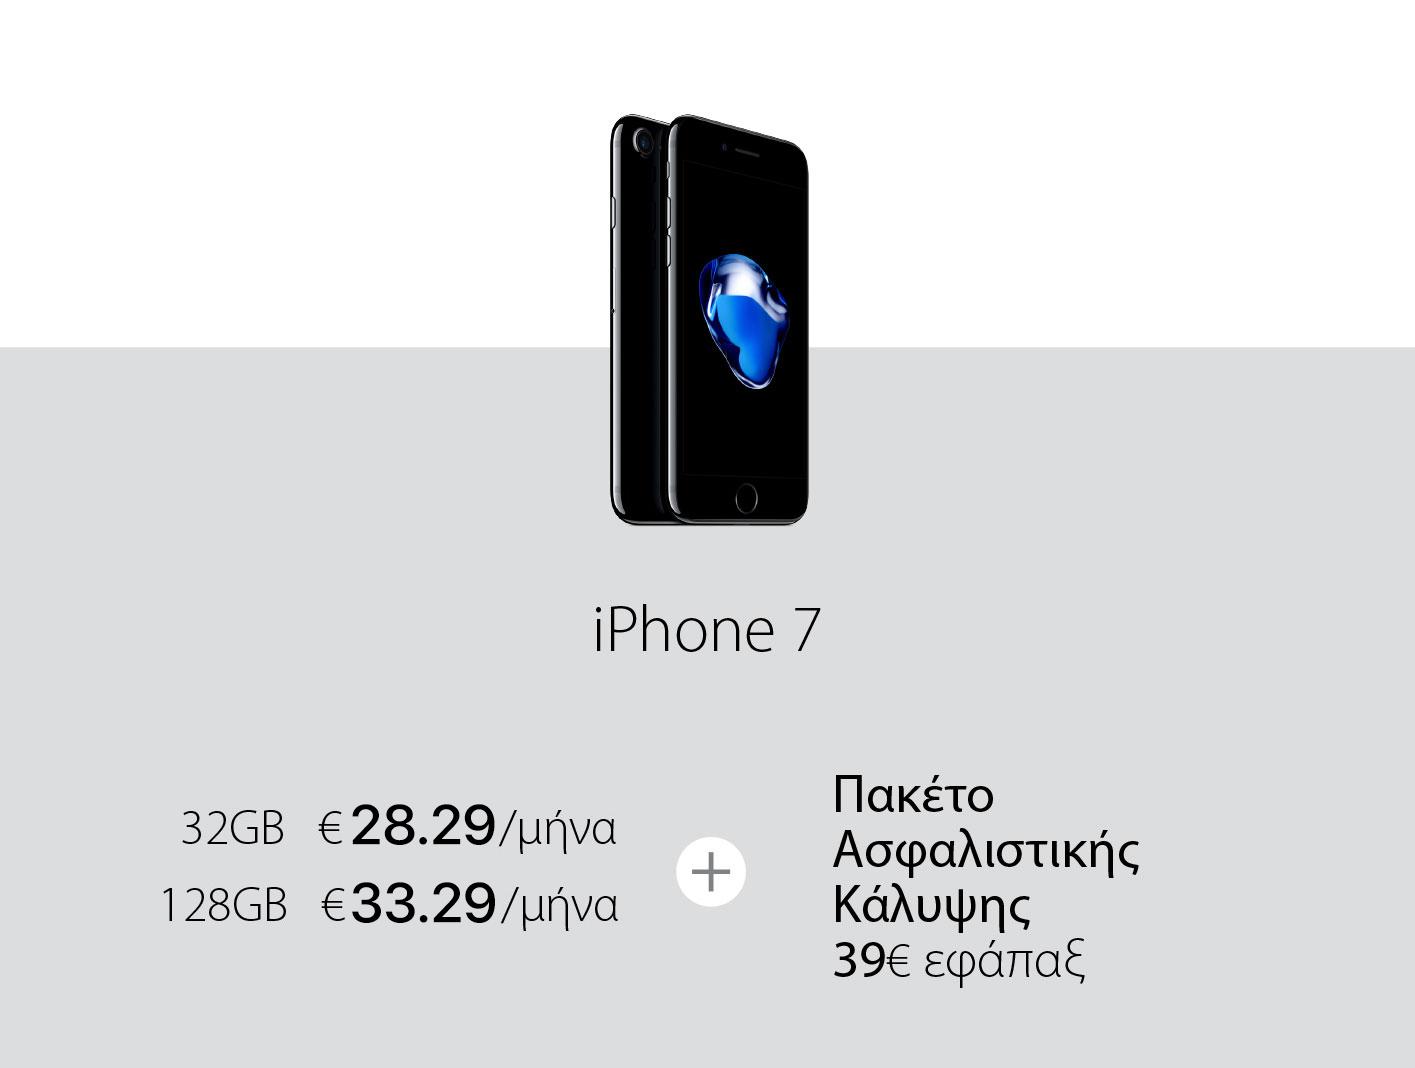 Χαμηλή μηνιαία δόση iPhone 7